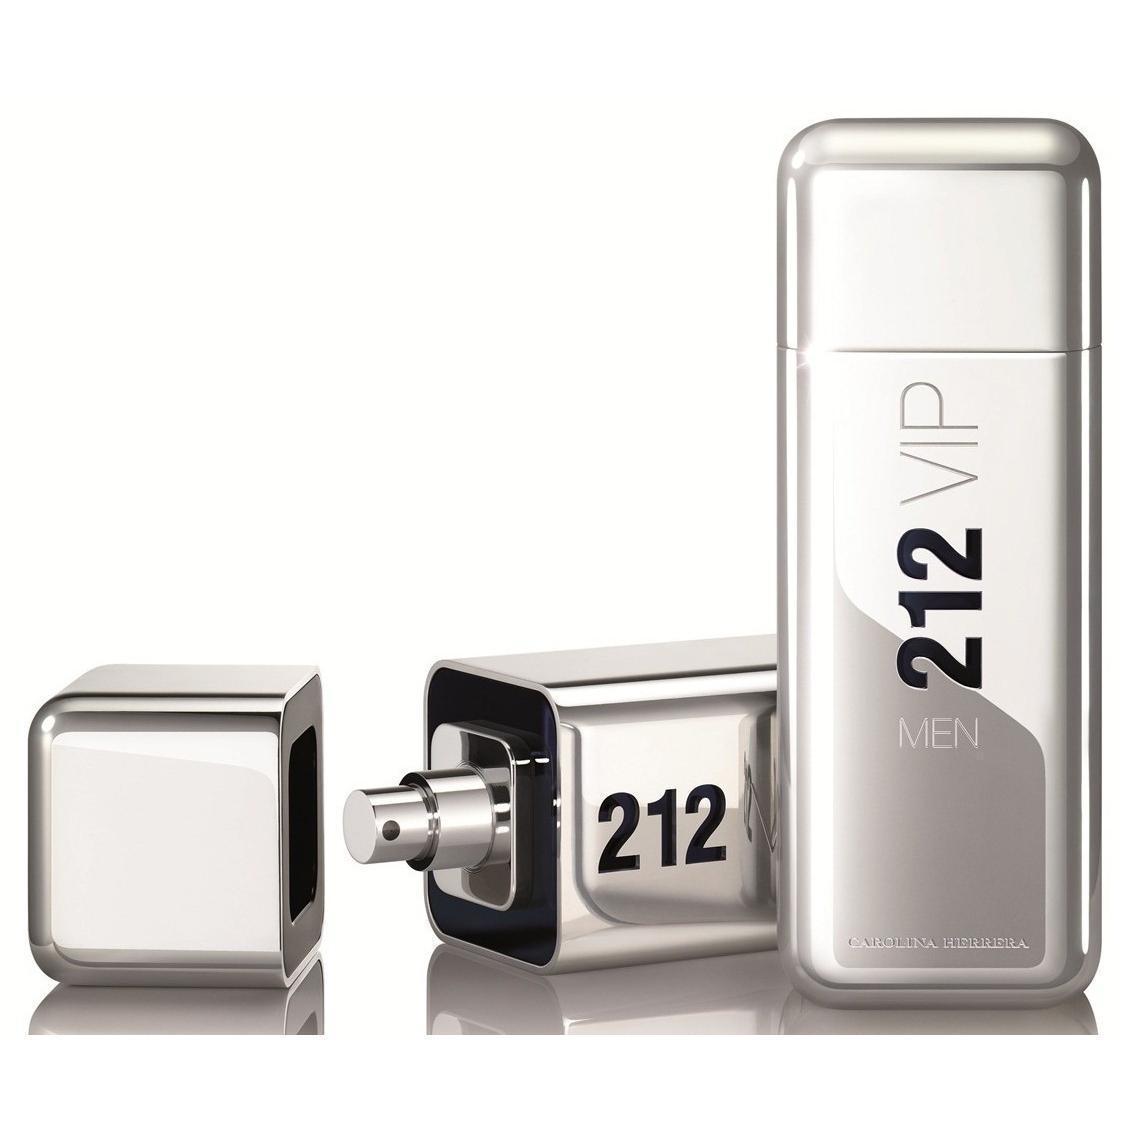 Parfum Pria Original 212 VIP men- Parfum Carolina Herrera Original Eropa Murah- Parfum Pria Terbaik 2018